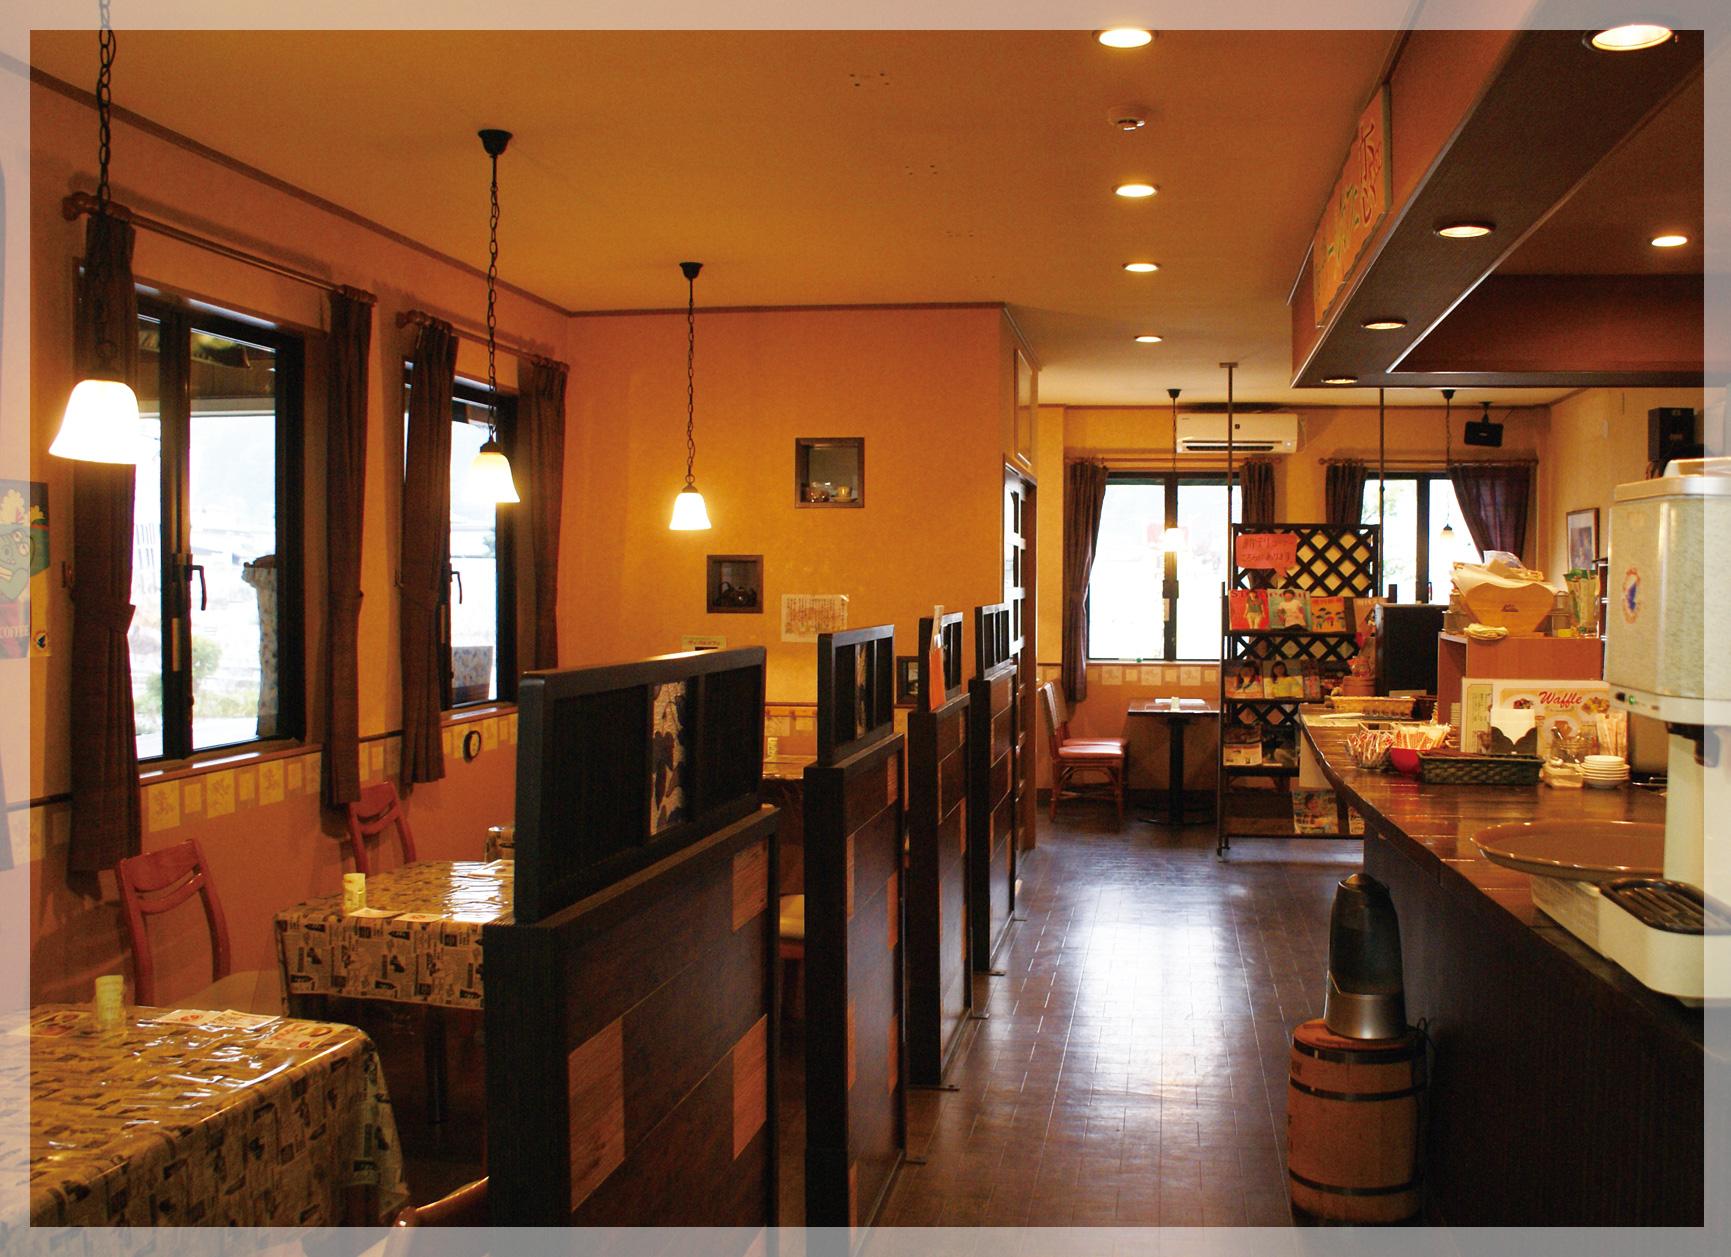 イーグルコーヒー直営 カフェ・ド・イーグル